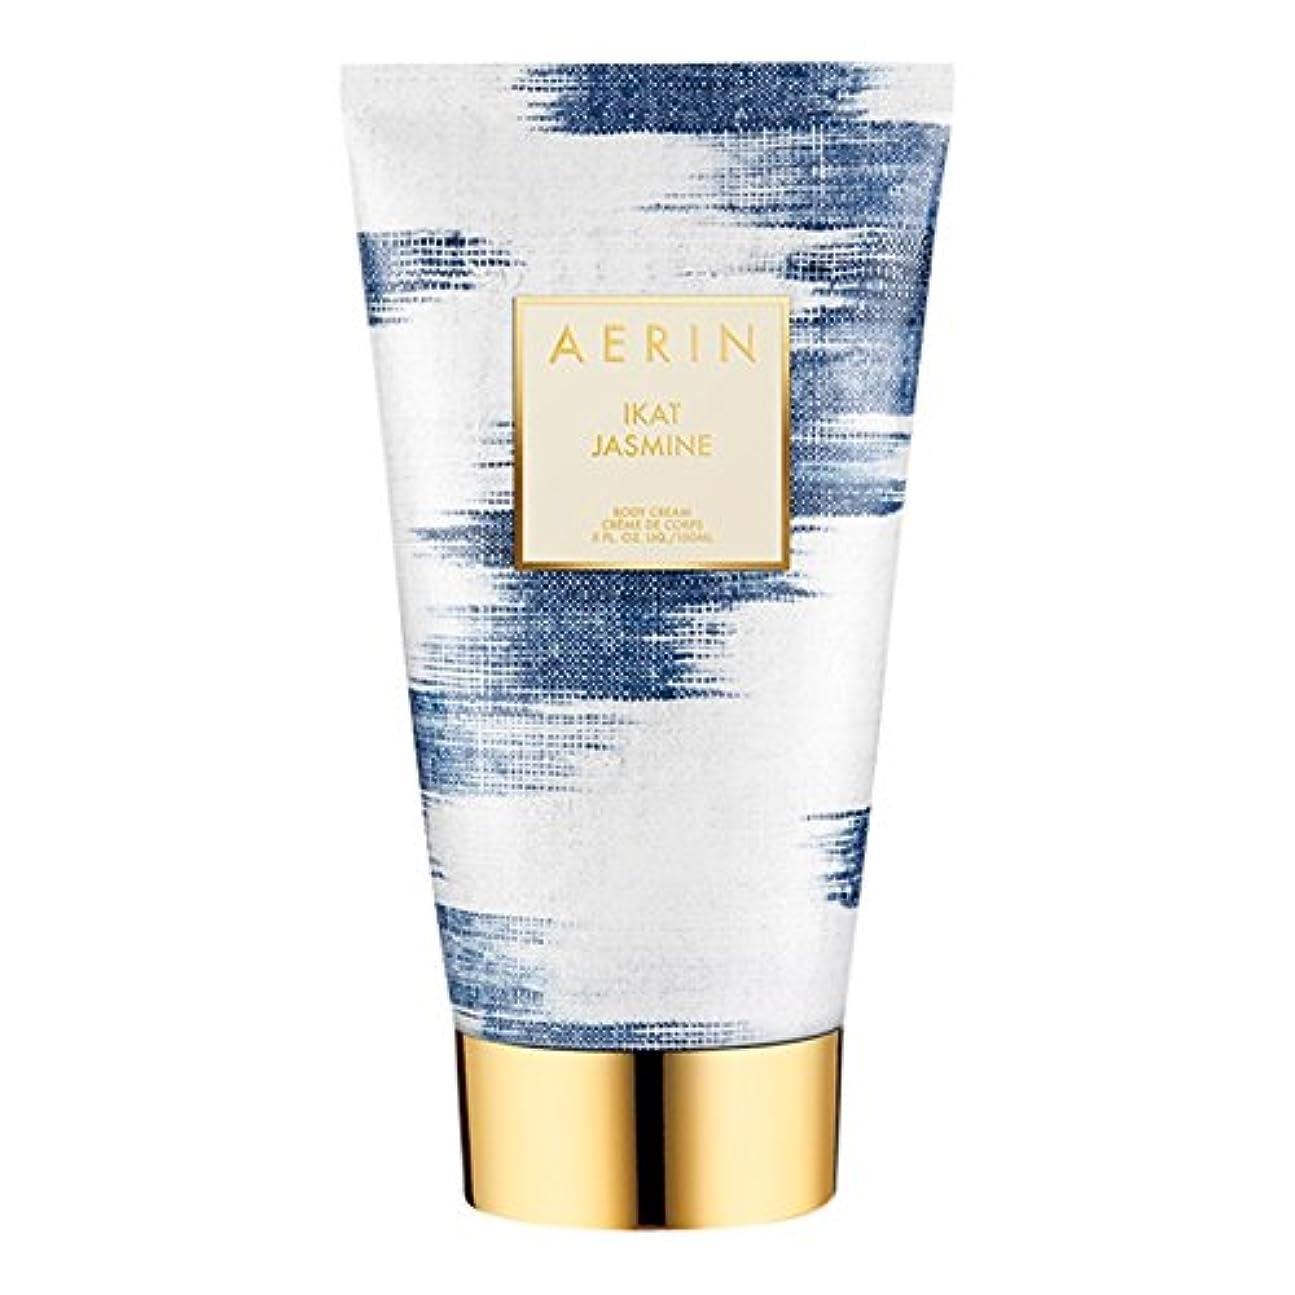 はっきりしない固体好奇心盛Aerinイカットジャスミンボディクリーム150ミリリットル (AERIN) - AERIN Ikat Jasmine Body Cream 150ml [並行輸入品]